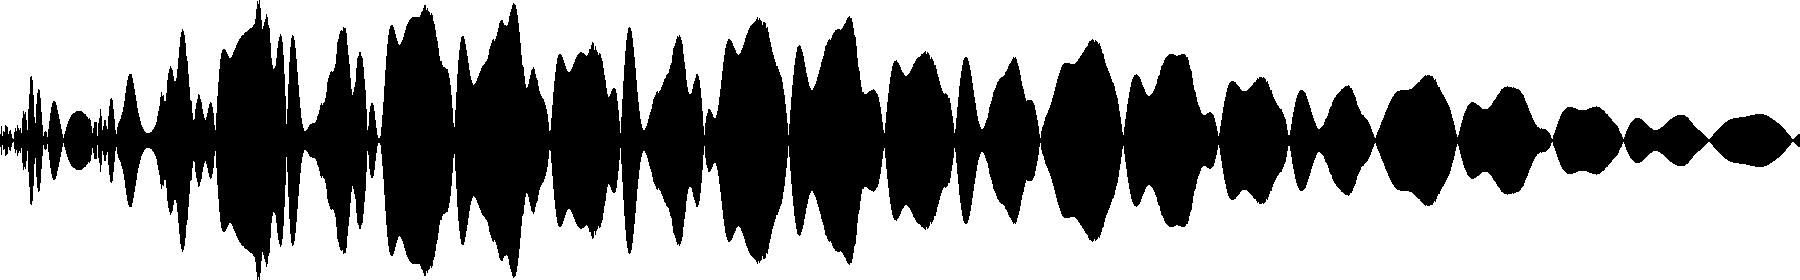 vedh bass cut 089 f